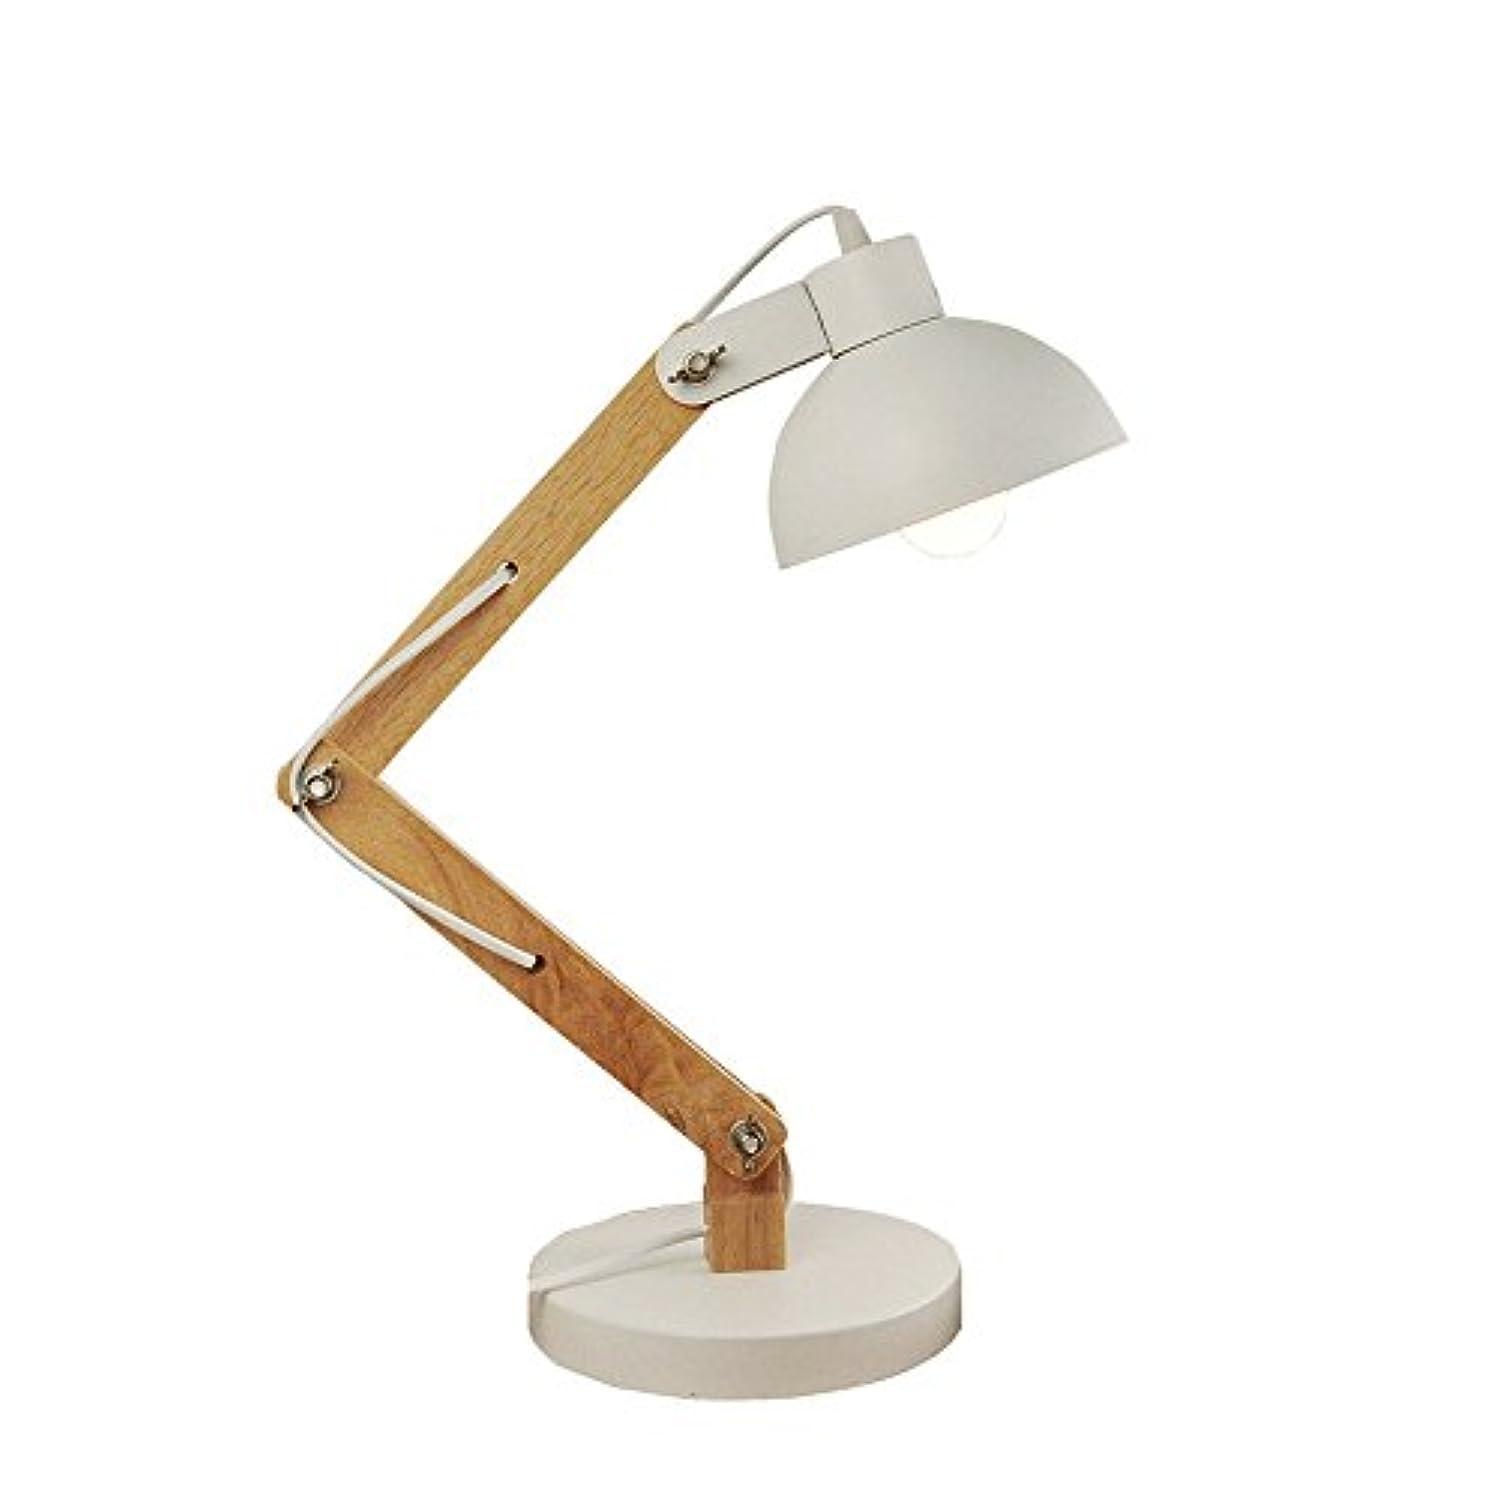 流産放出比類のない北欧木製テーブルランプ調節可能なLEDデスクランプブラック/ホワイトデスク読書ランプリビングルームスタディデスクデコレーションランプ (Color : White)